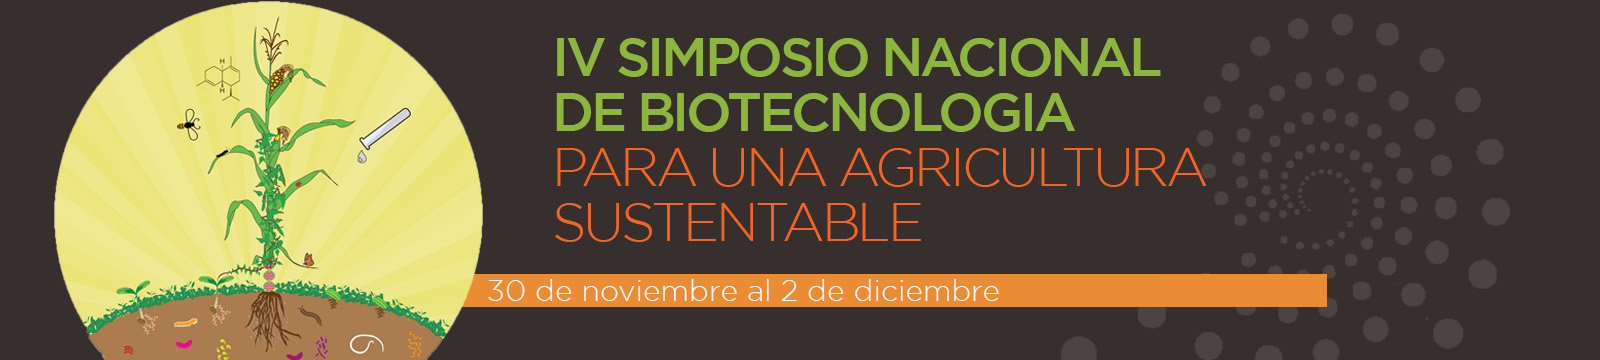 2016_Jul_Banner Simposio agriculatura sustentable